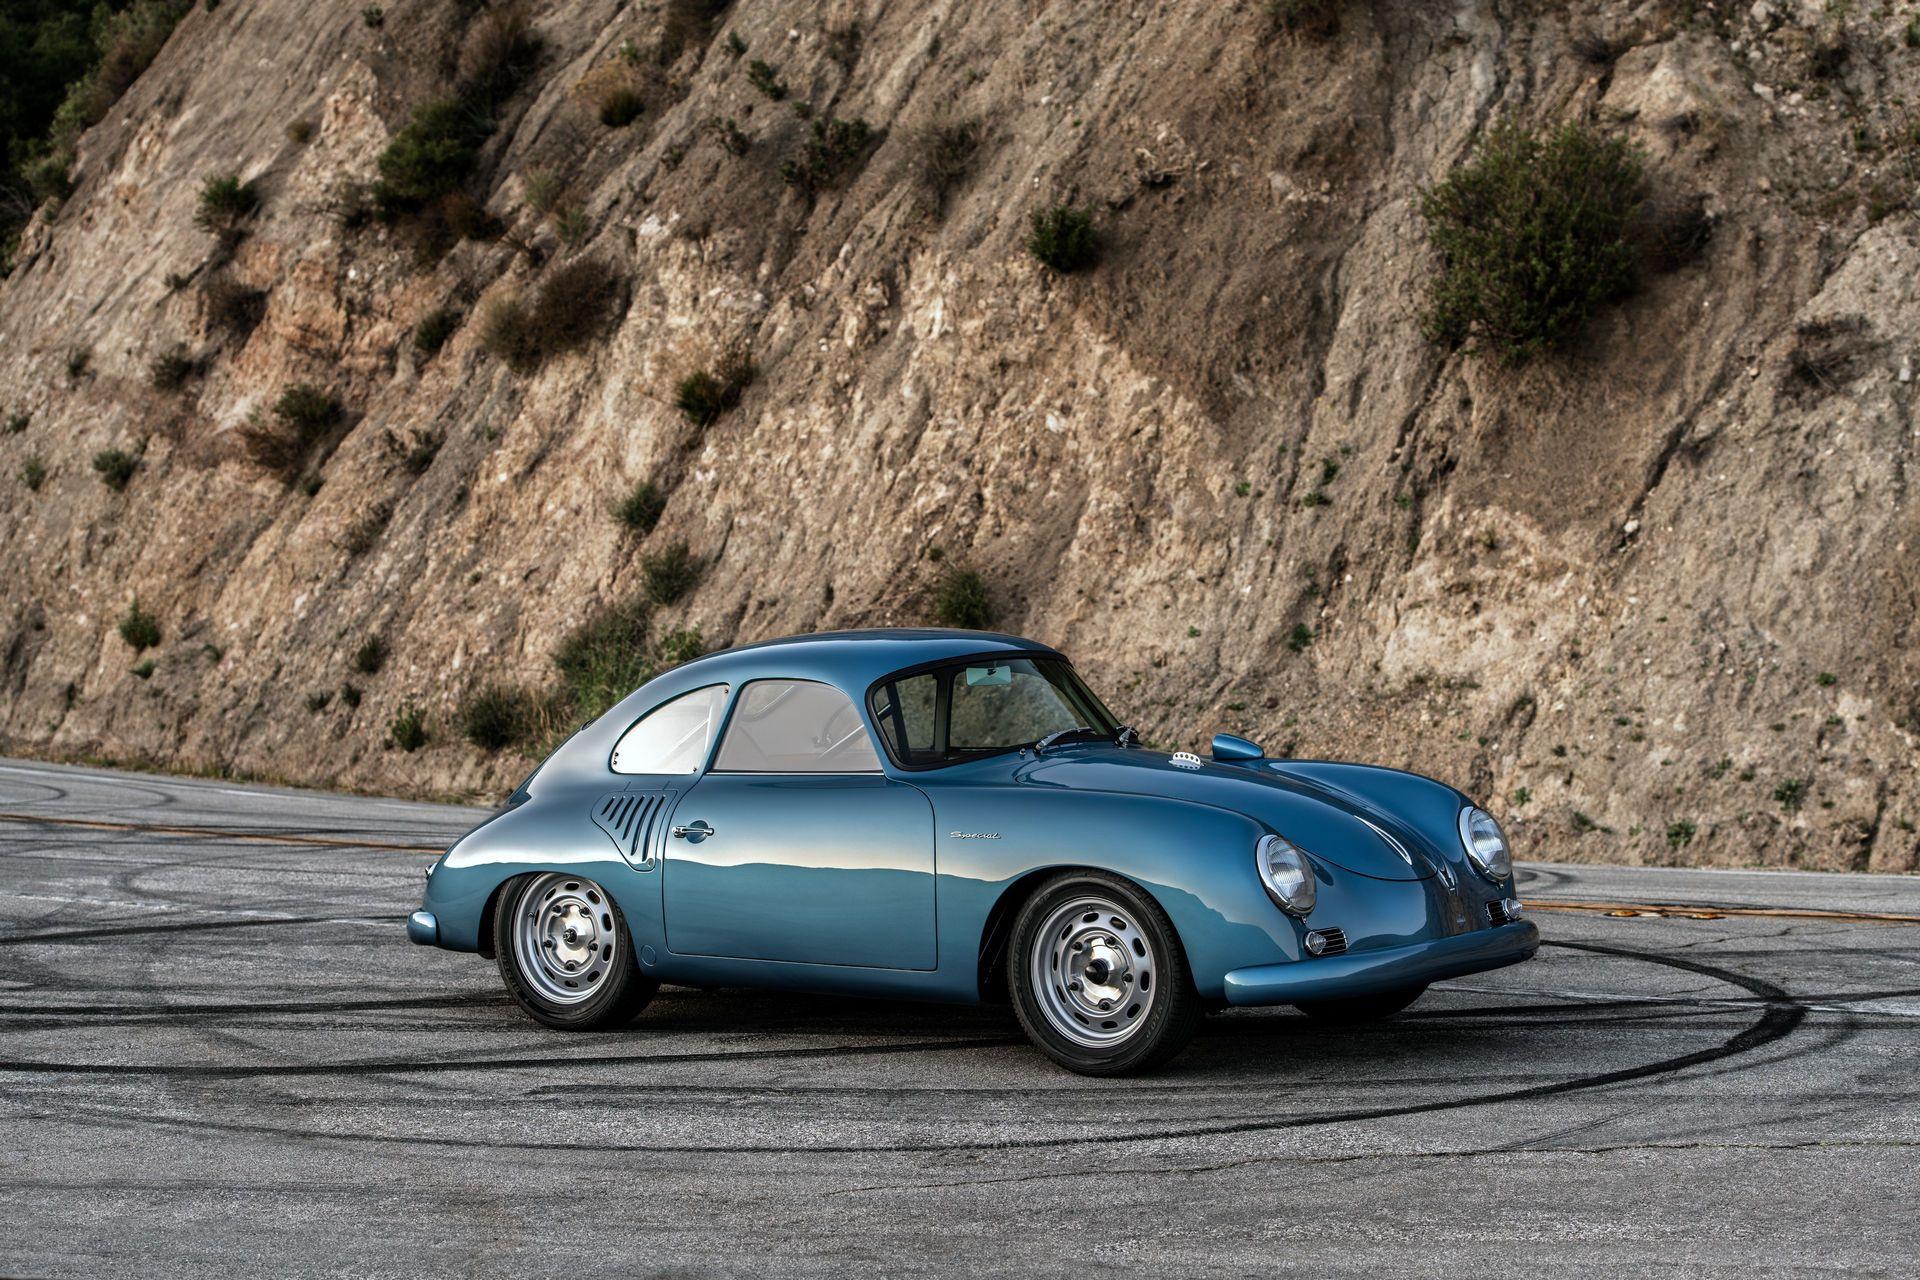 Porsche-356-A-Coupe-Restomod-Emory-Motorsports-35